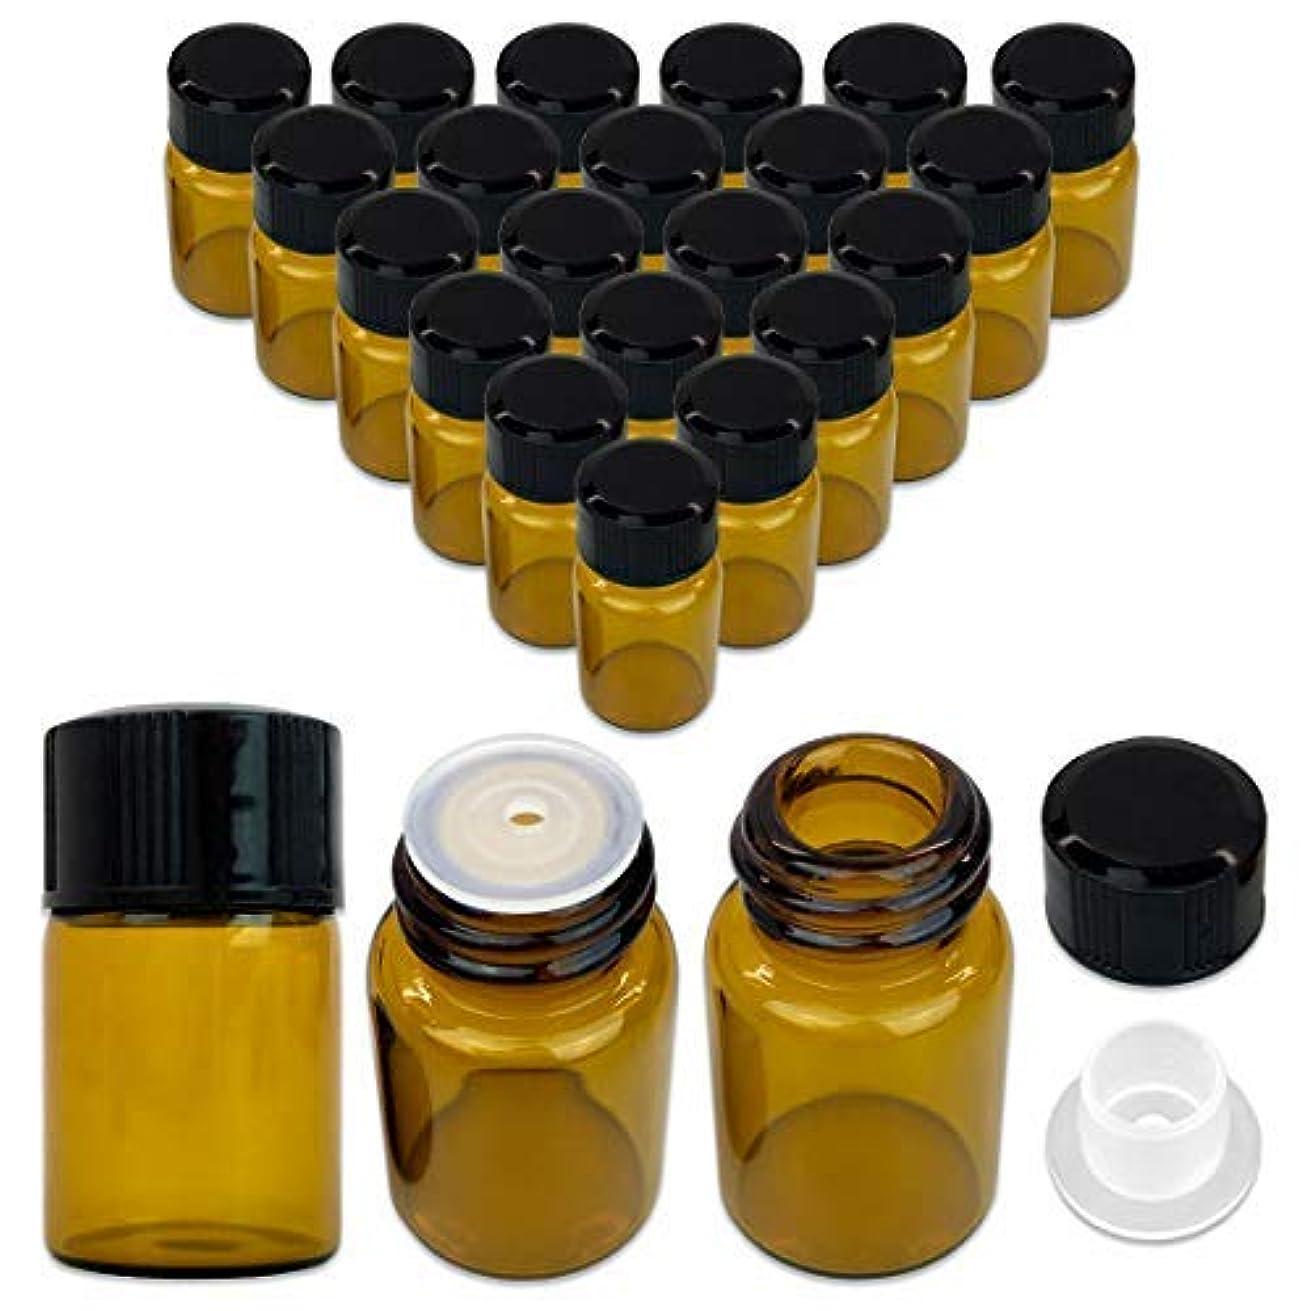 かろうじてコモランマひらめき24 Packs Beauticom 2ML Amber Glass Vial for Essential Oils, Aromatherapy, Fragrance, Serums, Spritzes, with Orifice...